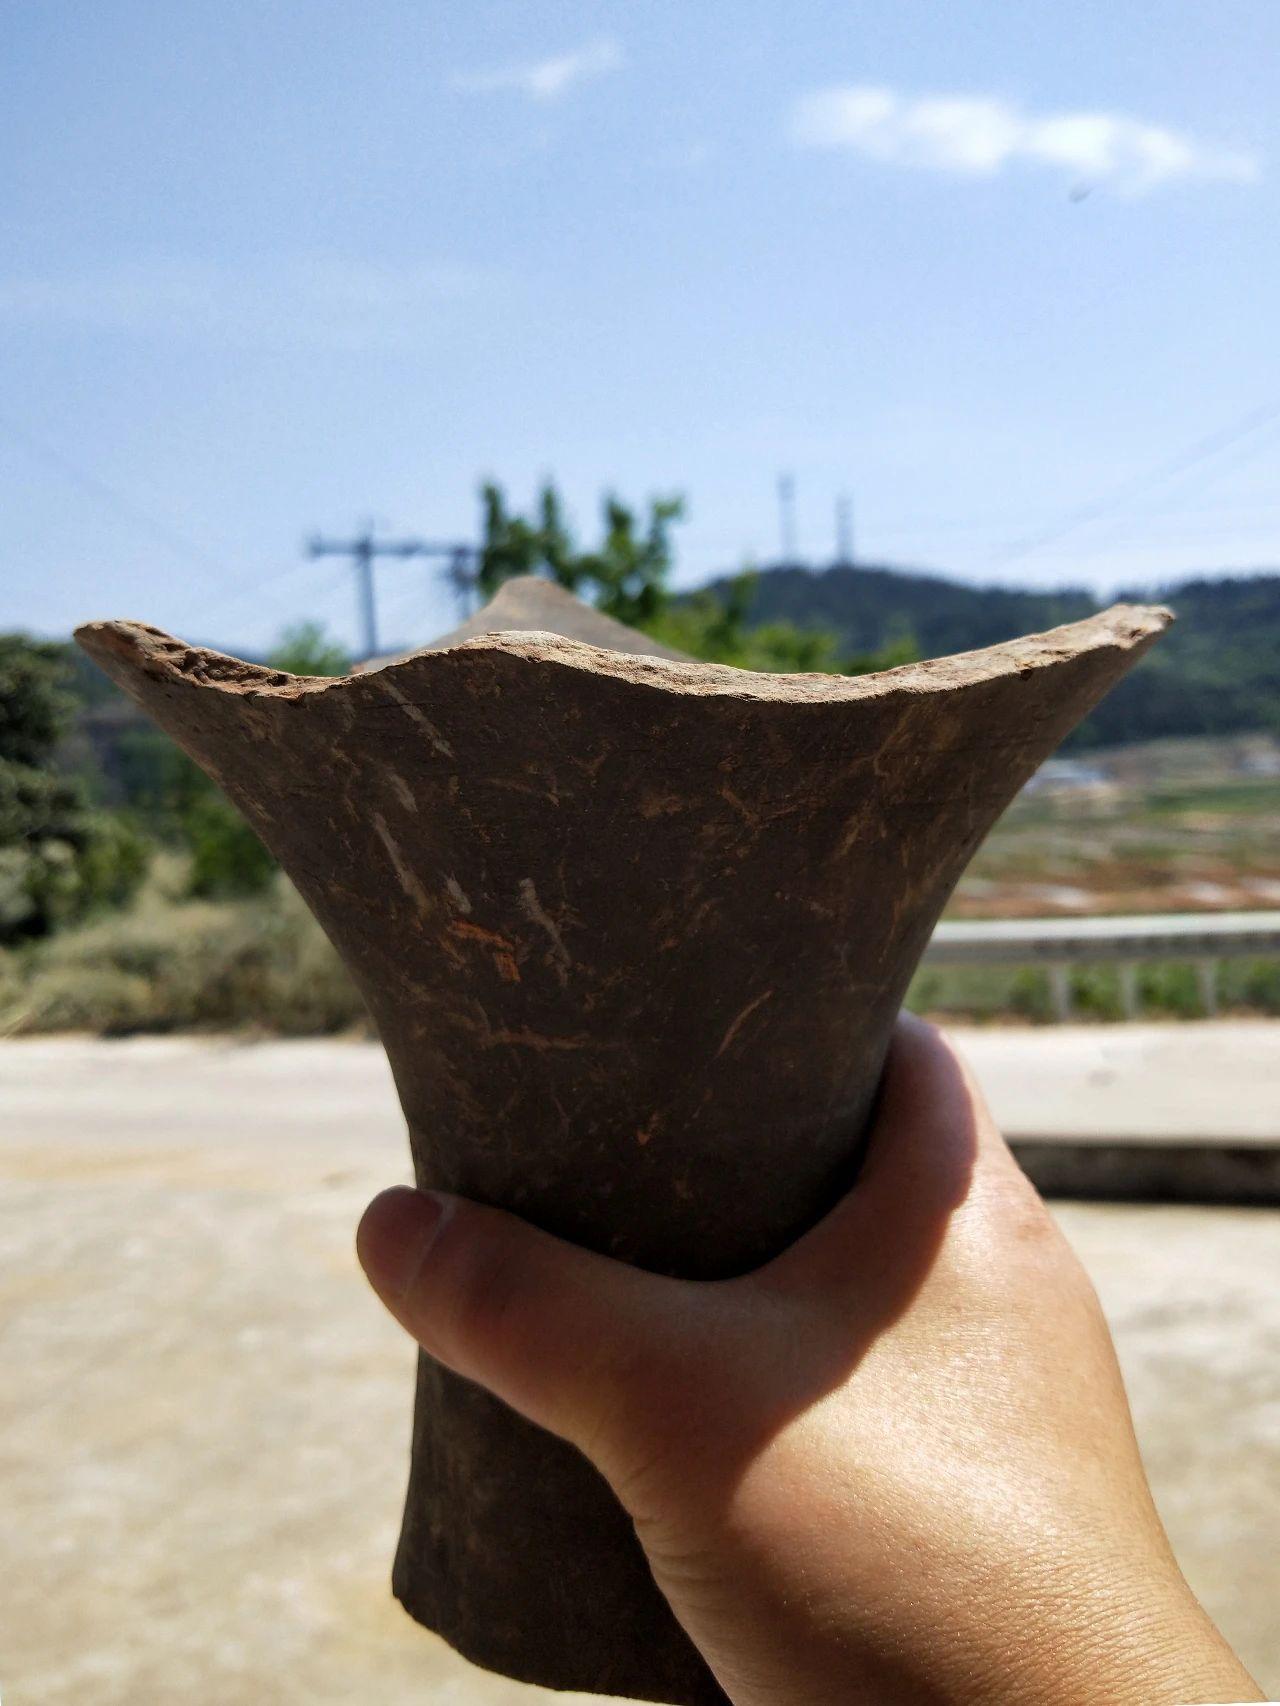 张家坝遗址出土的文物 图片来源:盐亭发布